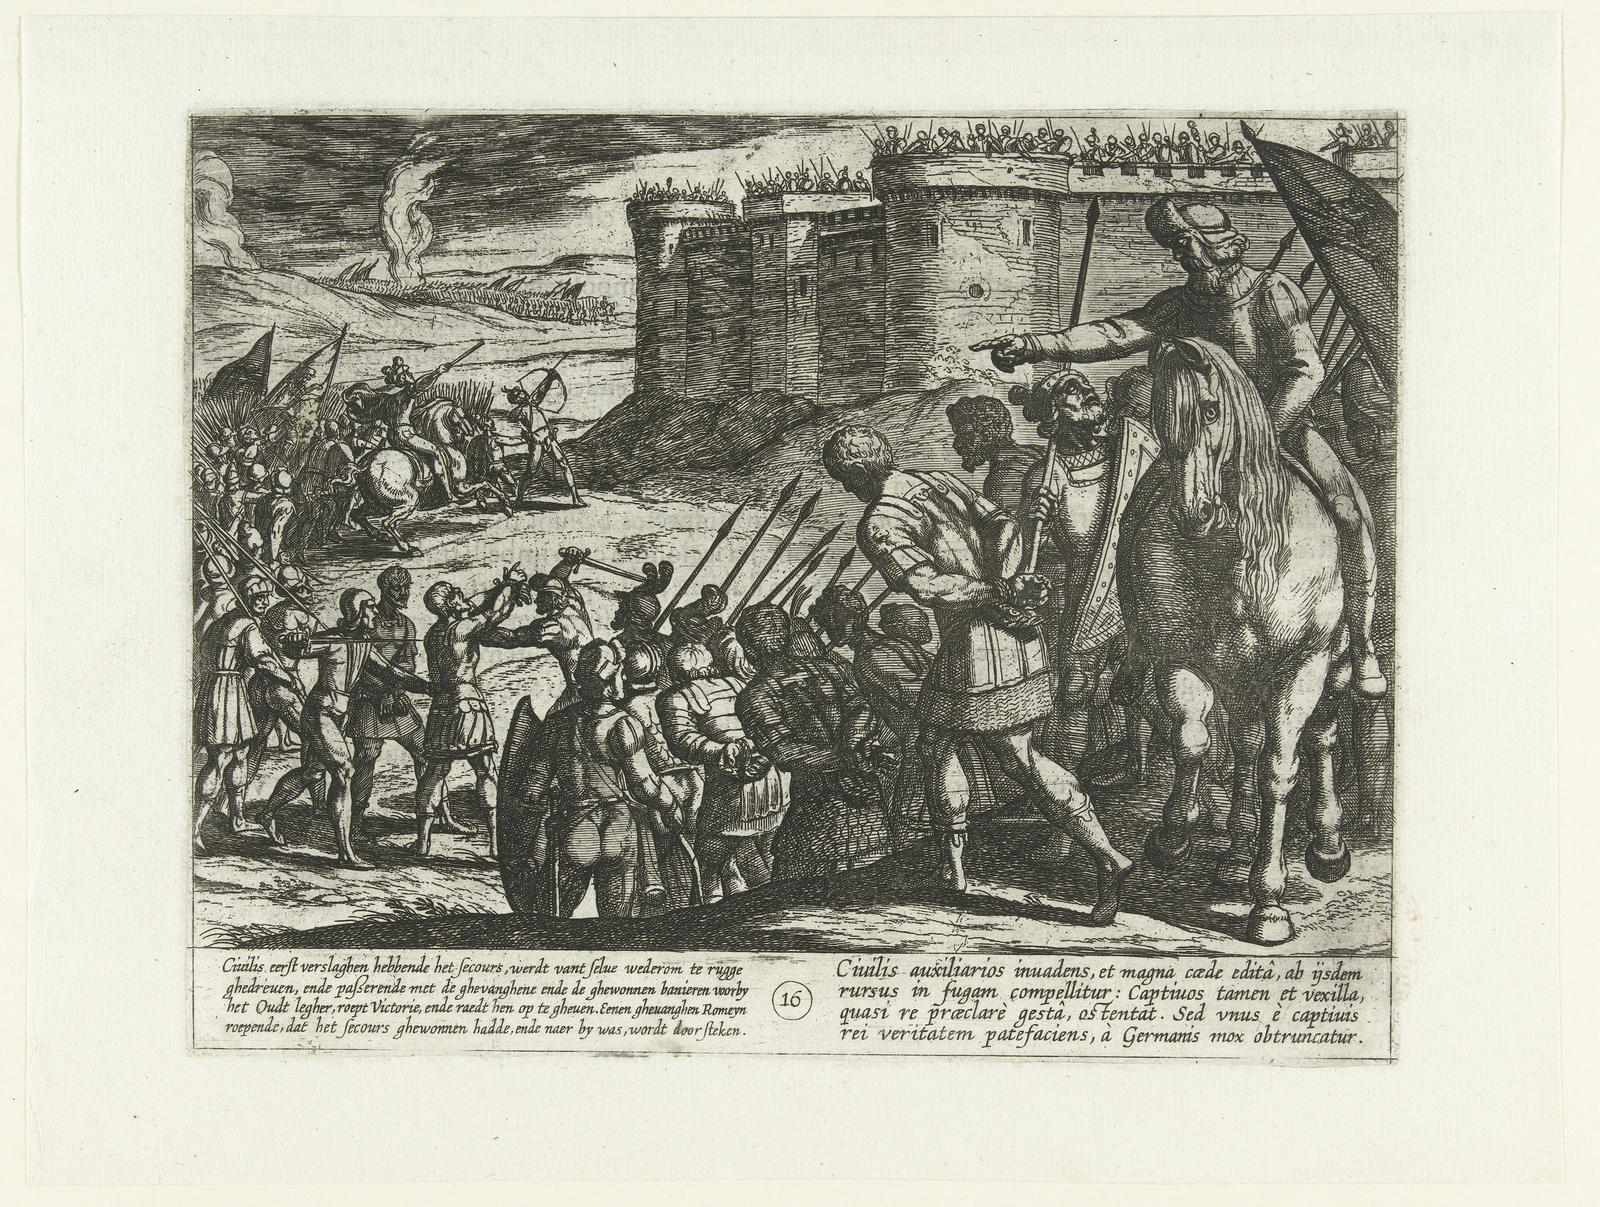 Romeinse gevangen langs de vesting geleid, 69-70